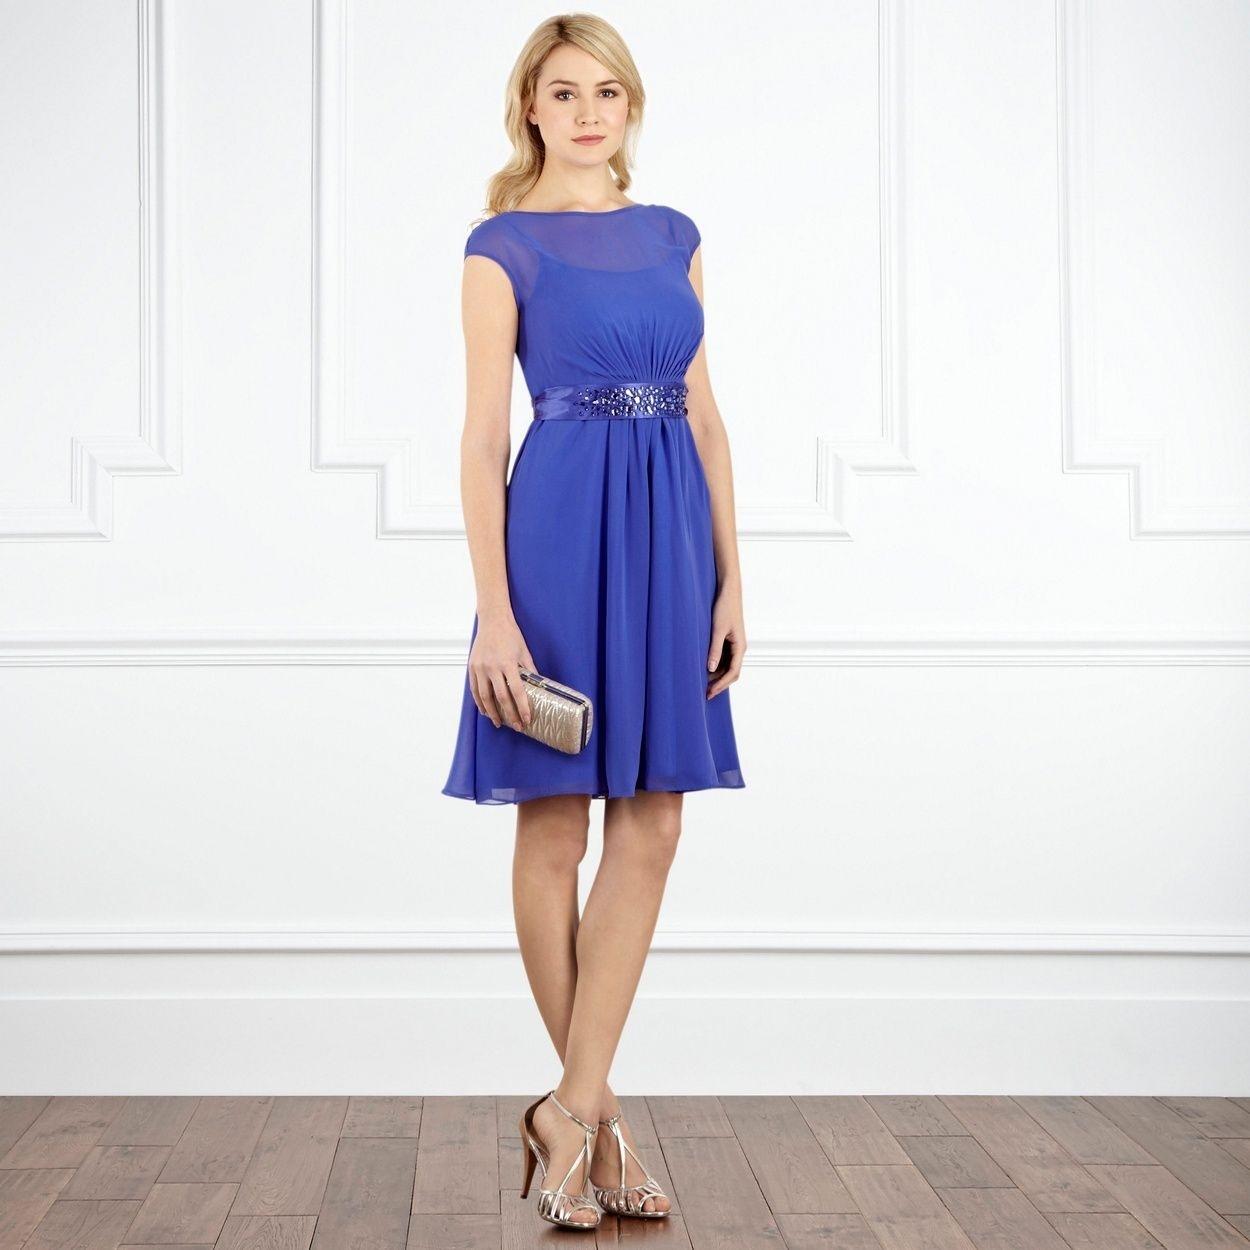 Abend Schön Blaues Kleid A Linie für 10 - Abendkleid